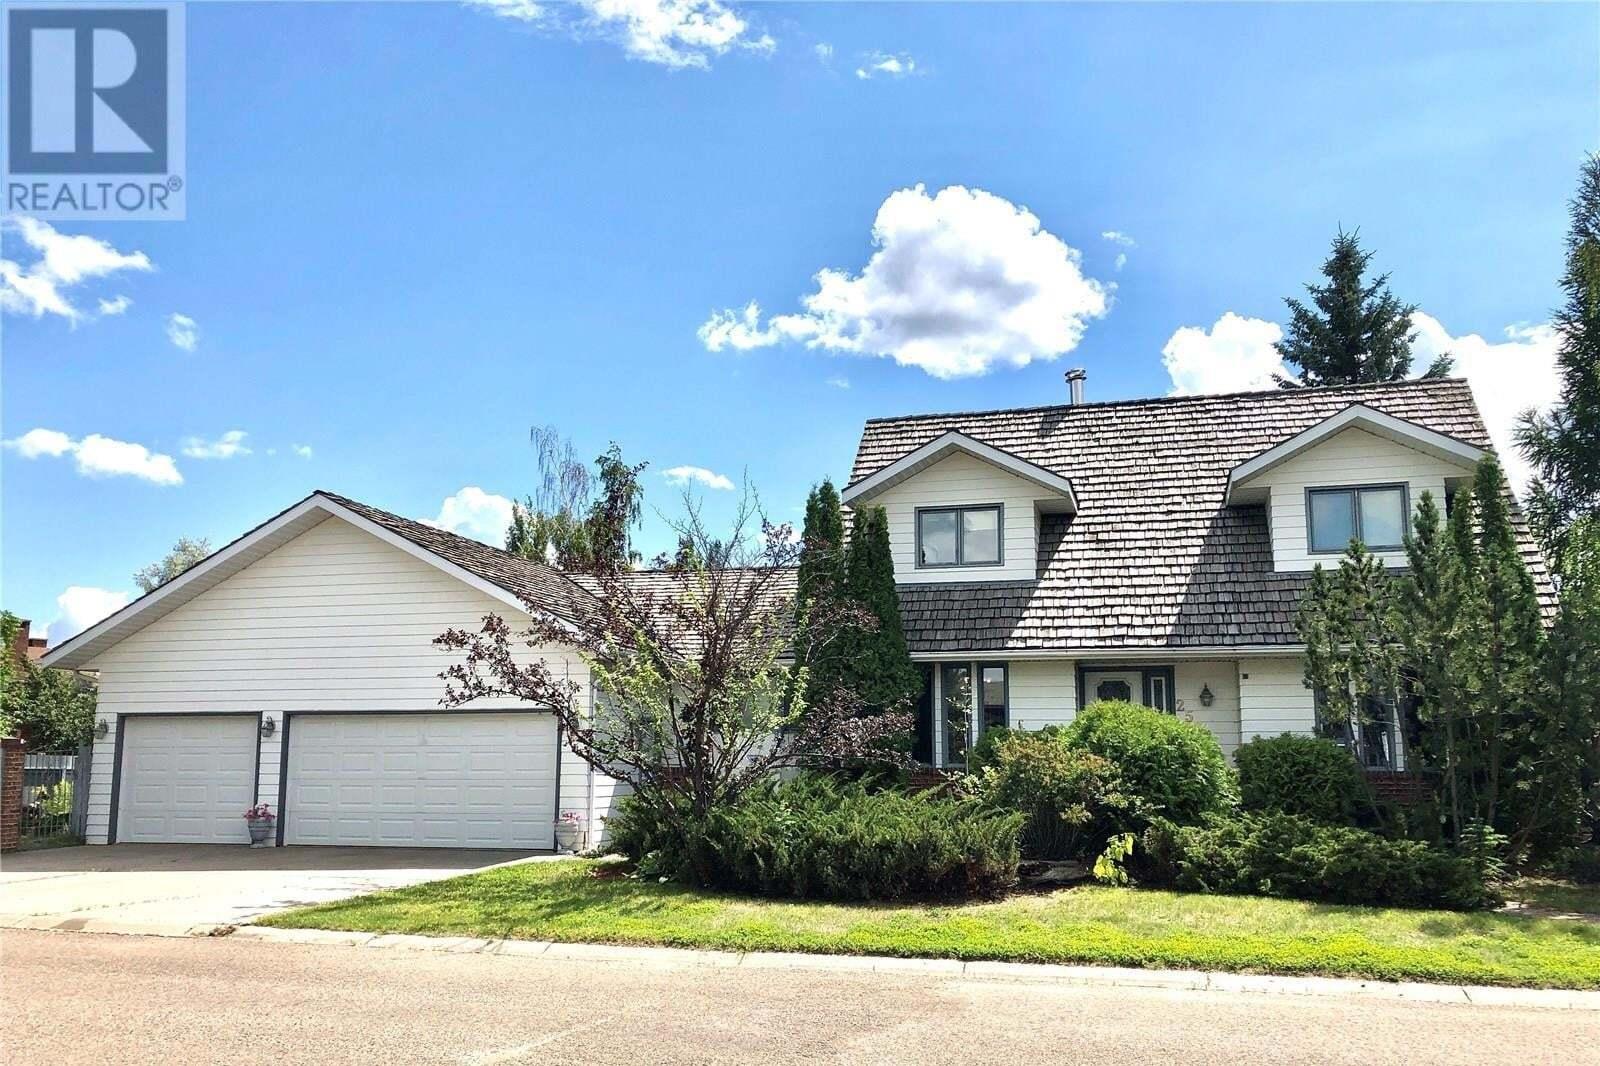 House for sale at 2532 Cardinal Cres North Battleford Saskatchewan - MLS: SK818078